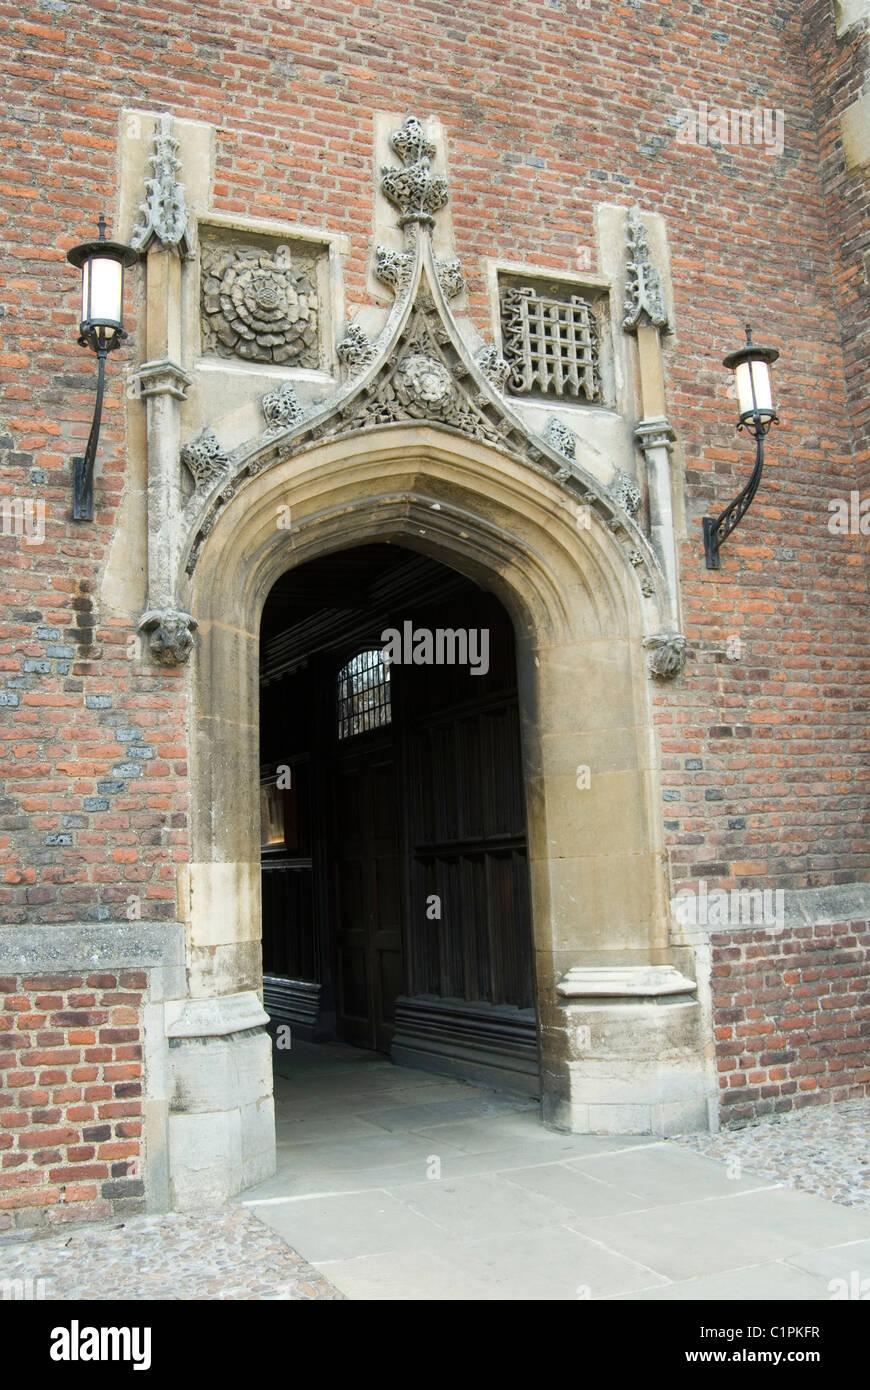 England, Cambridge, St. John's College, Kapelle Eingang Stockbild